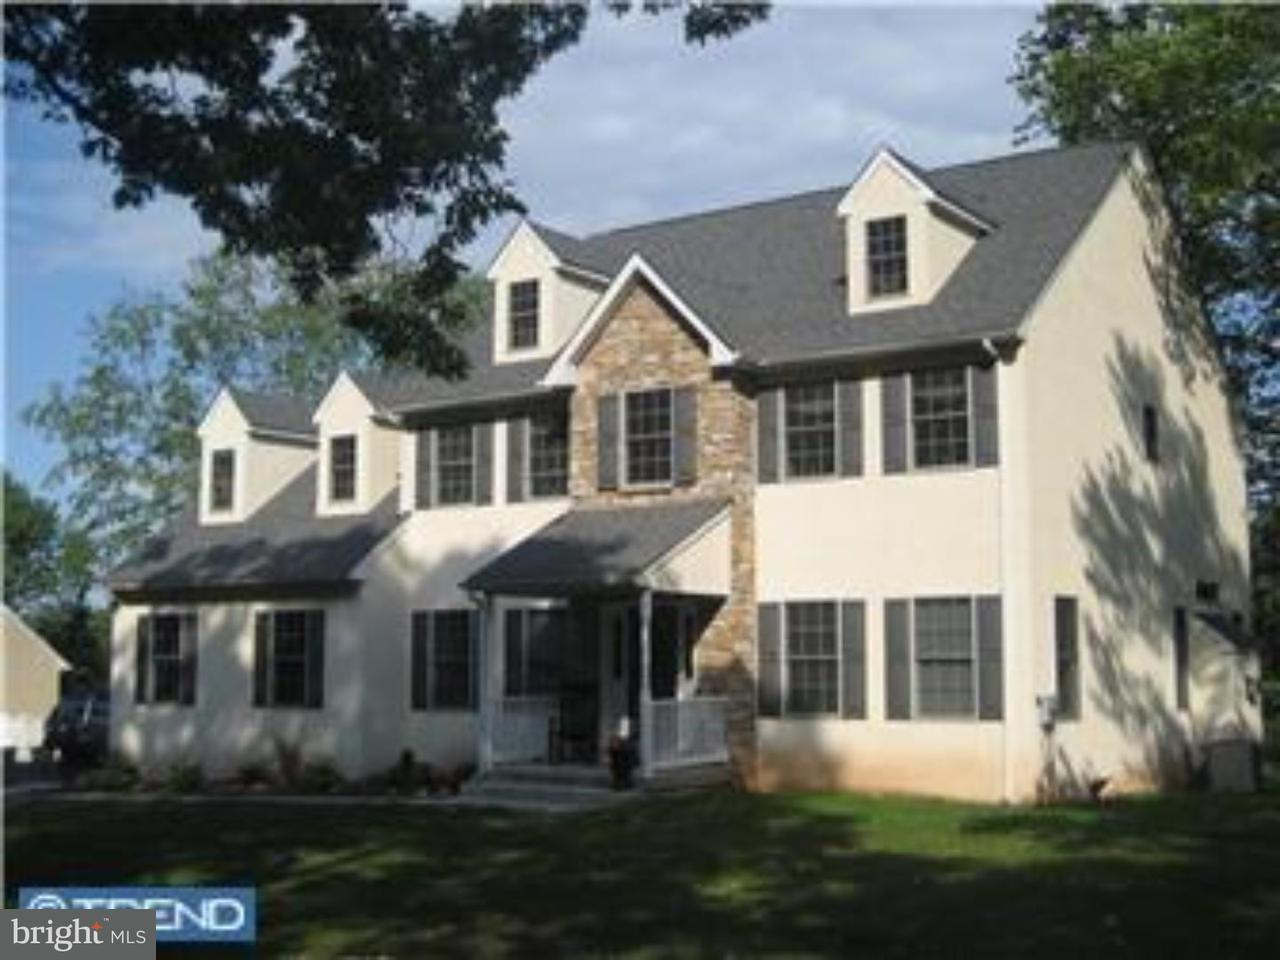 Частный односемейный дом для того Продажа на 229 W 7TH Avenue Trappe, Пенсильвания 19426 Соединенные Штаты